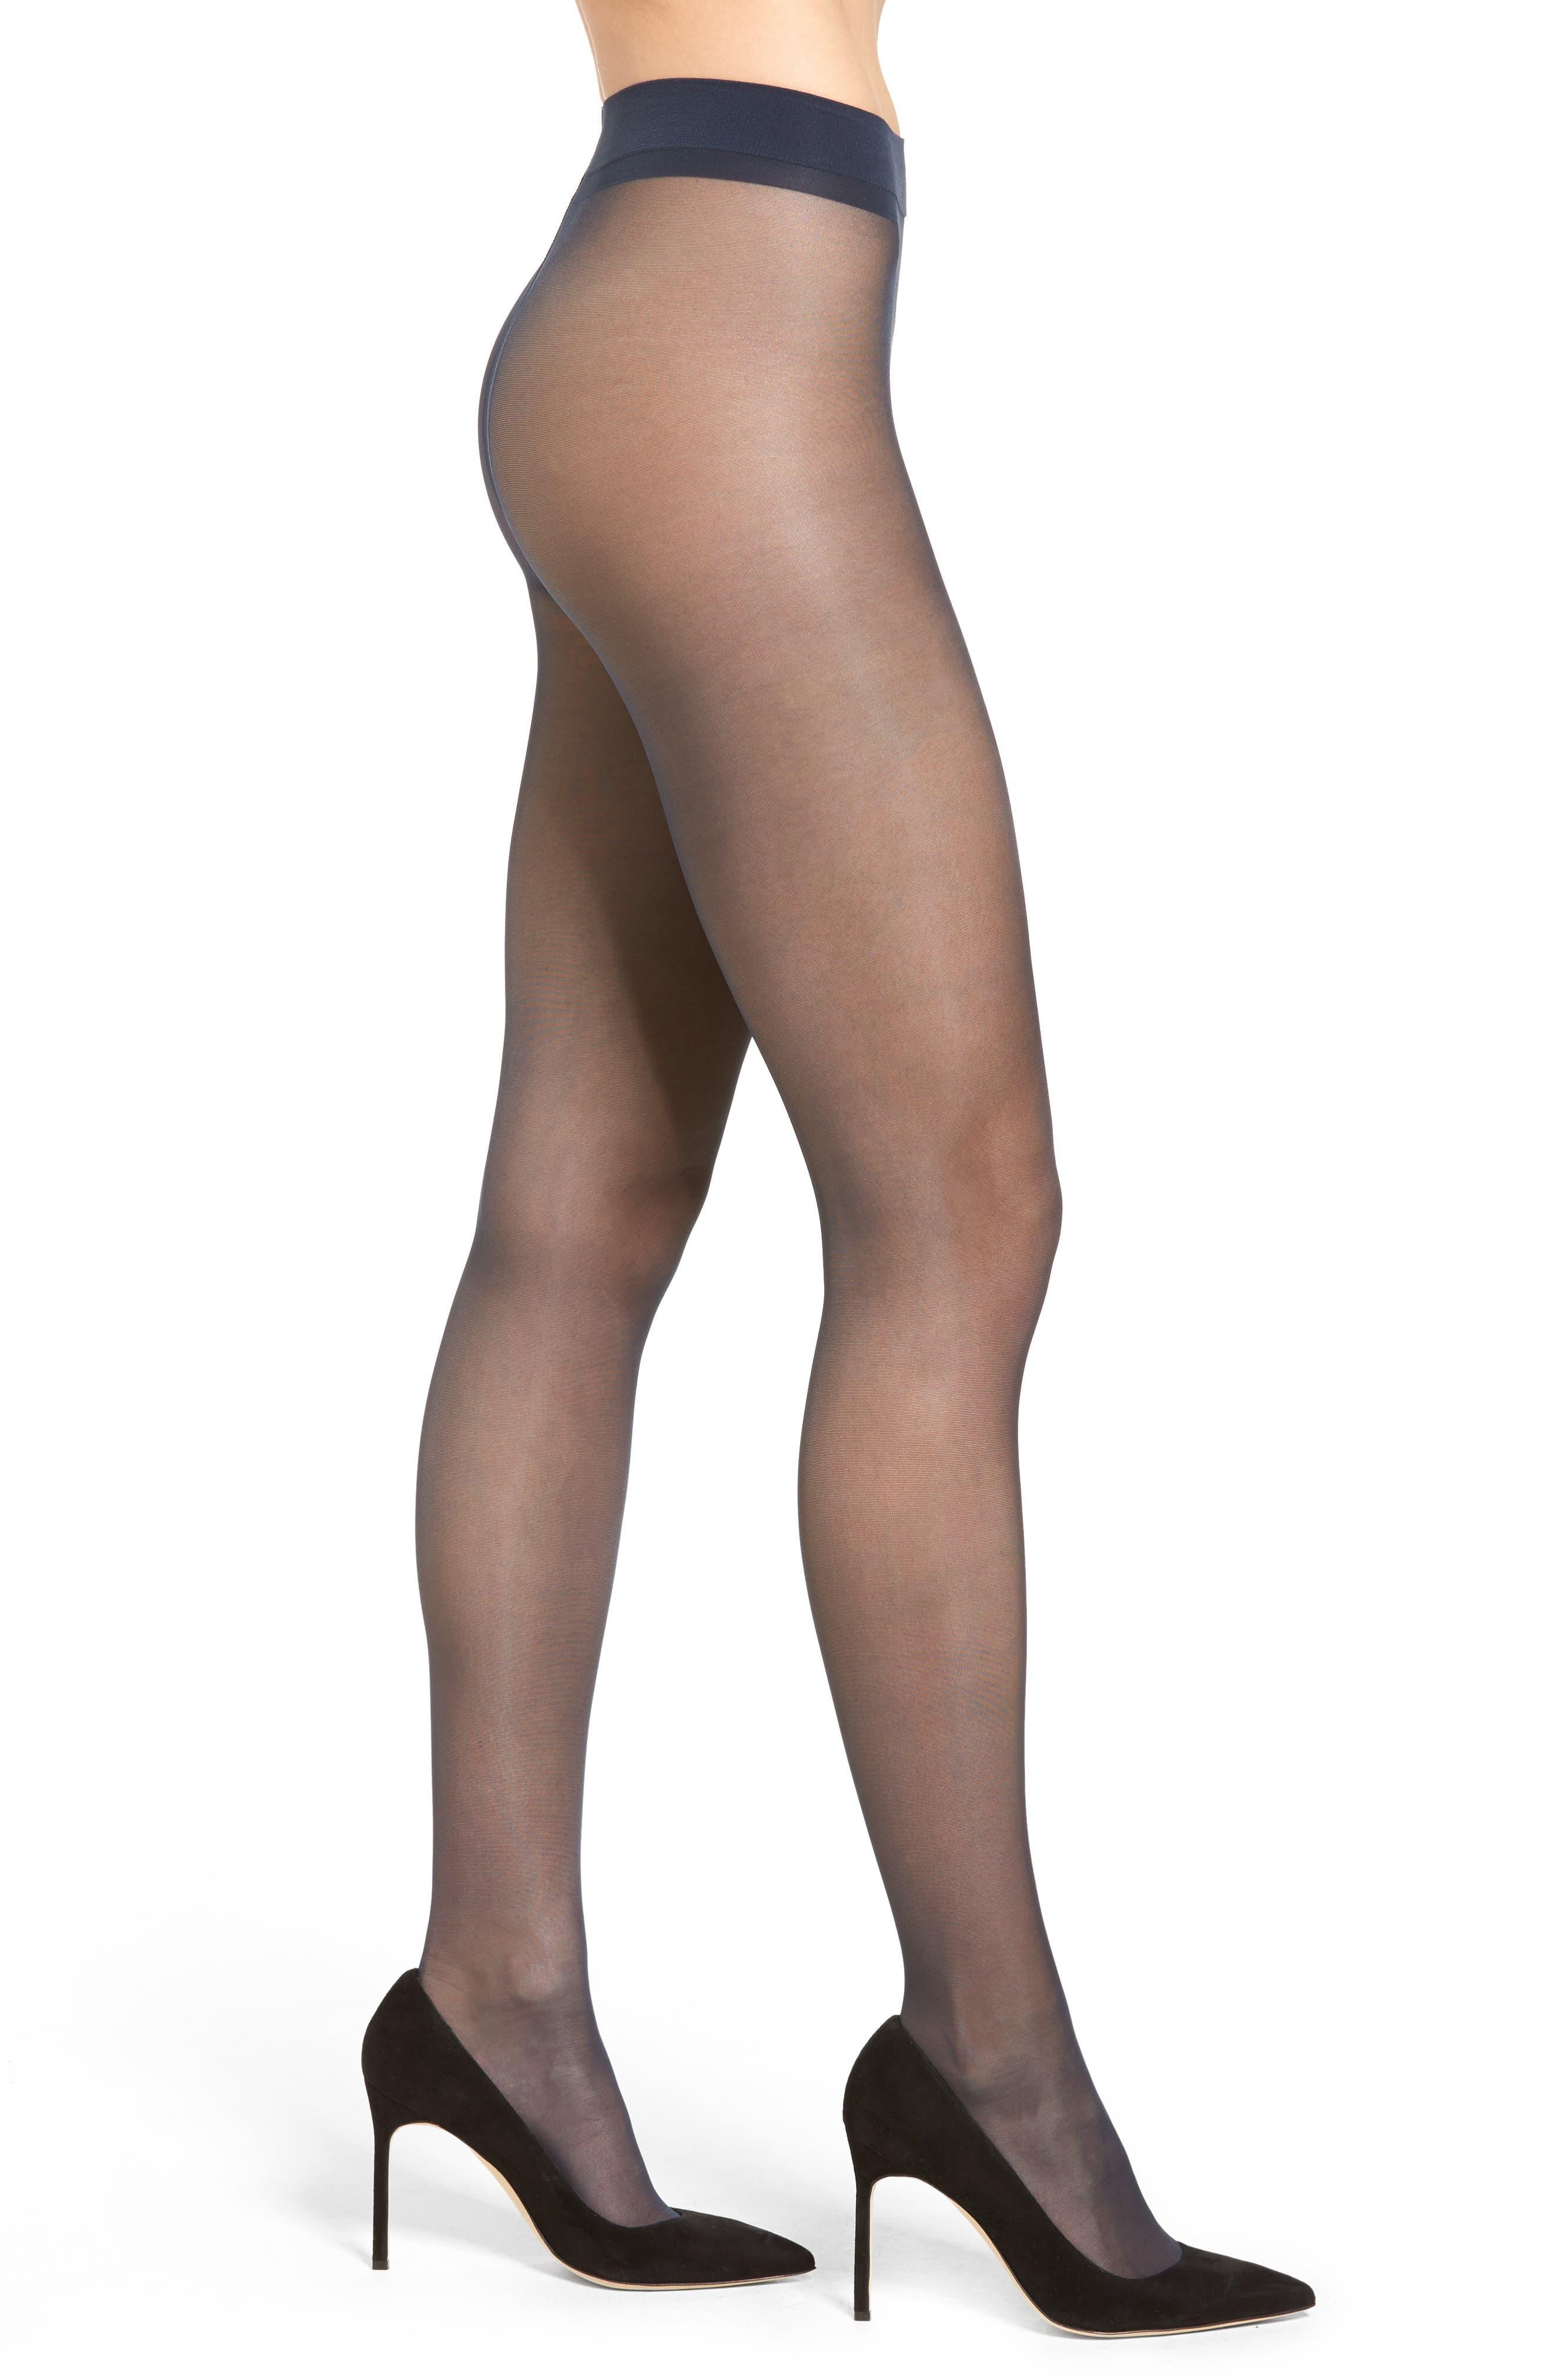 Main Image - Oroblu Repos 70 Control Top Pantyhose